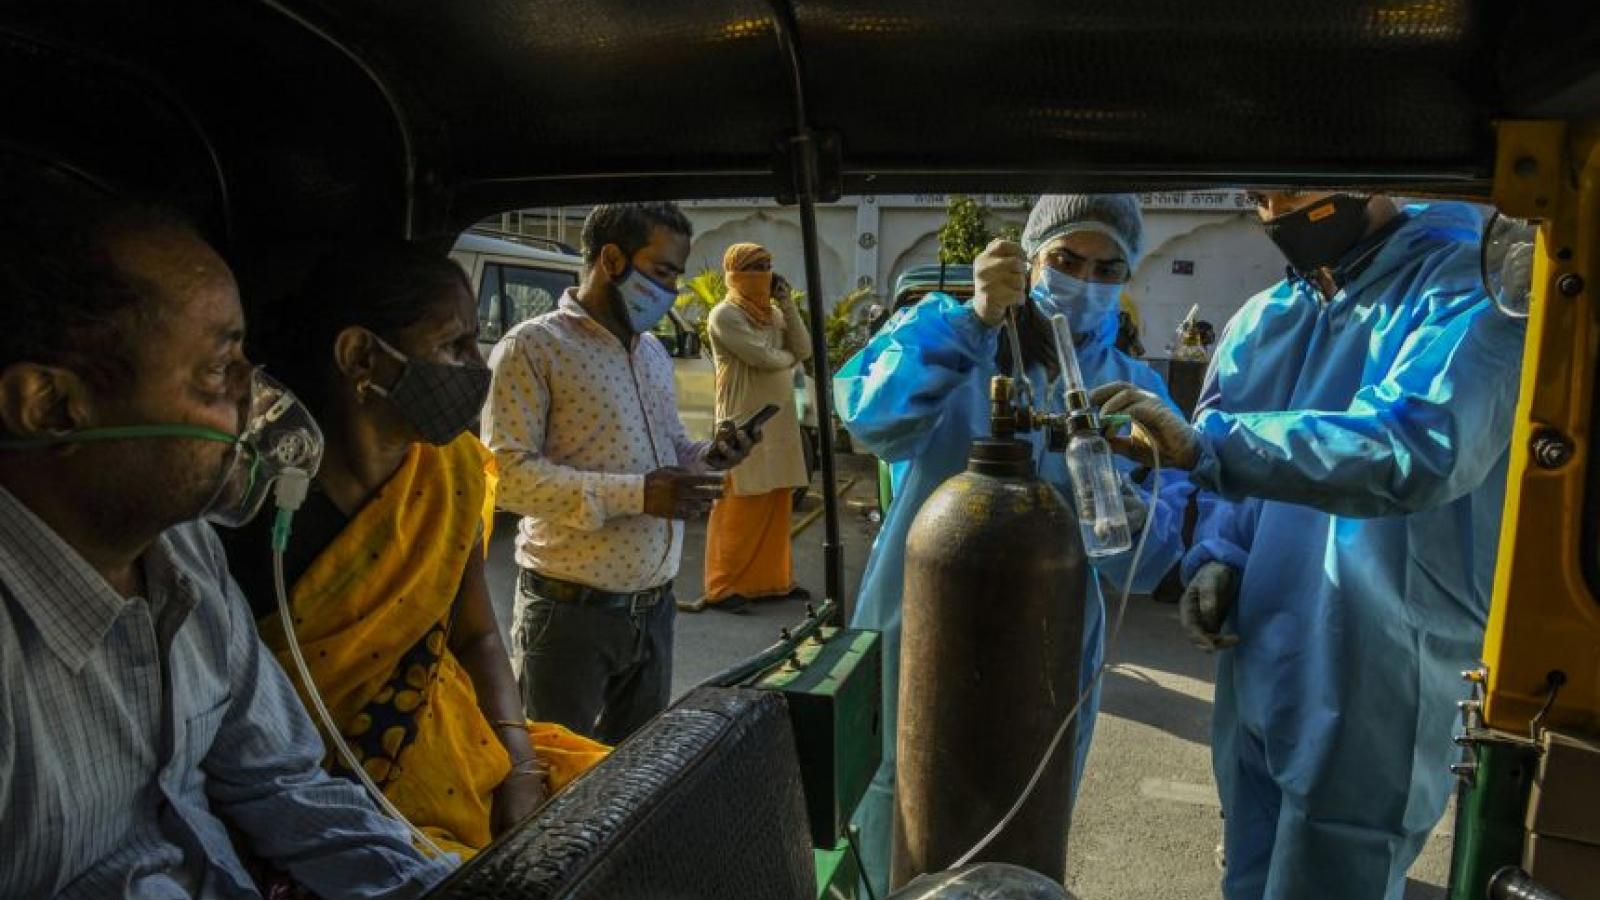 Mỹ hỗ trợ vật tư y tế trị giá 100 triệu USD cho Ấn Độ để đối phó với đại dịch Covid-19